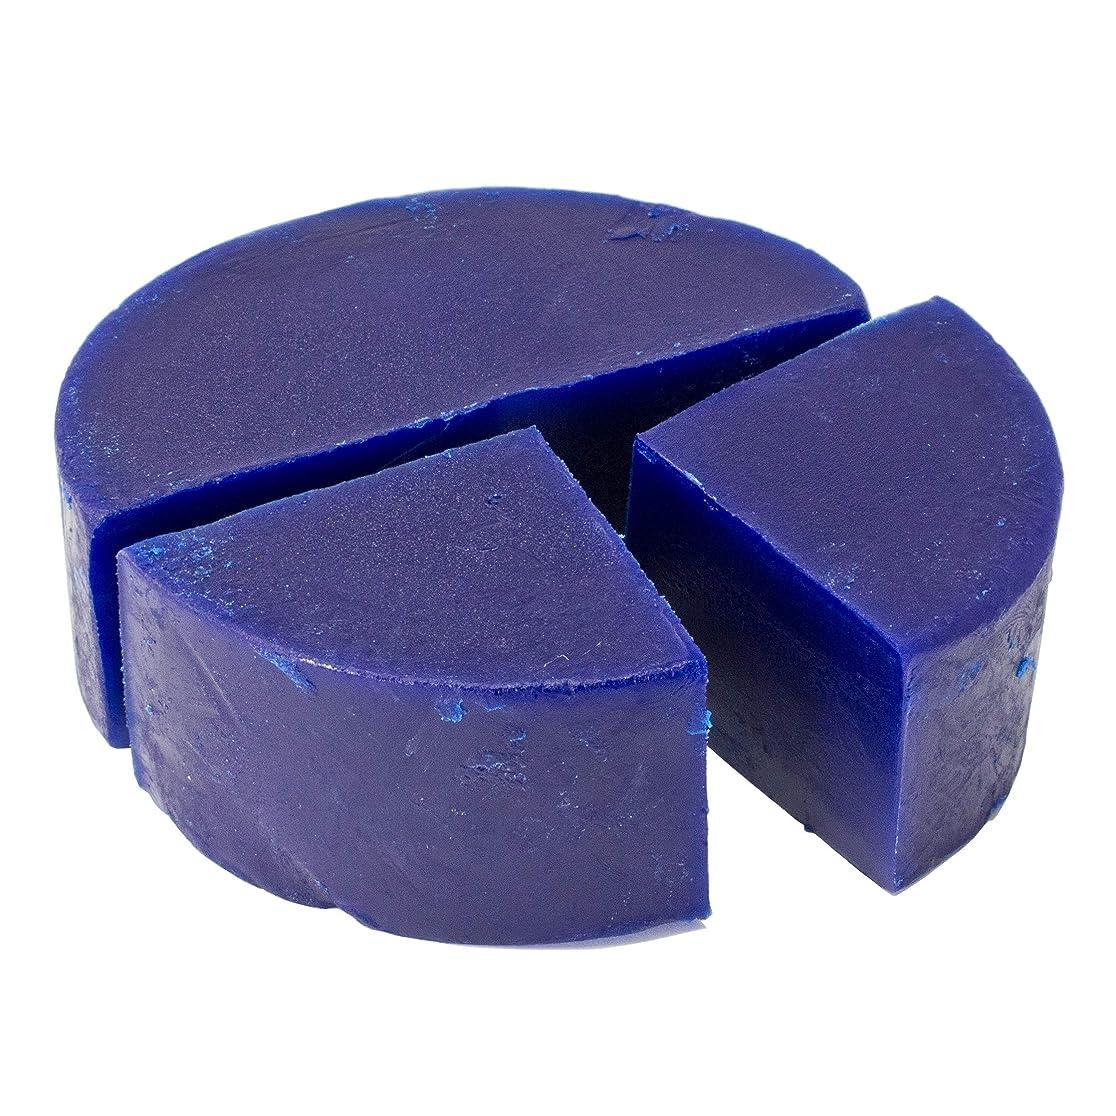 リングレットトラップ不正グリセリン クリアソープ 色チップ 青 100g (MPソープ)